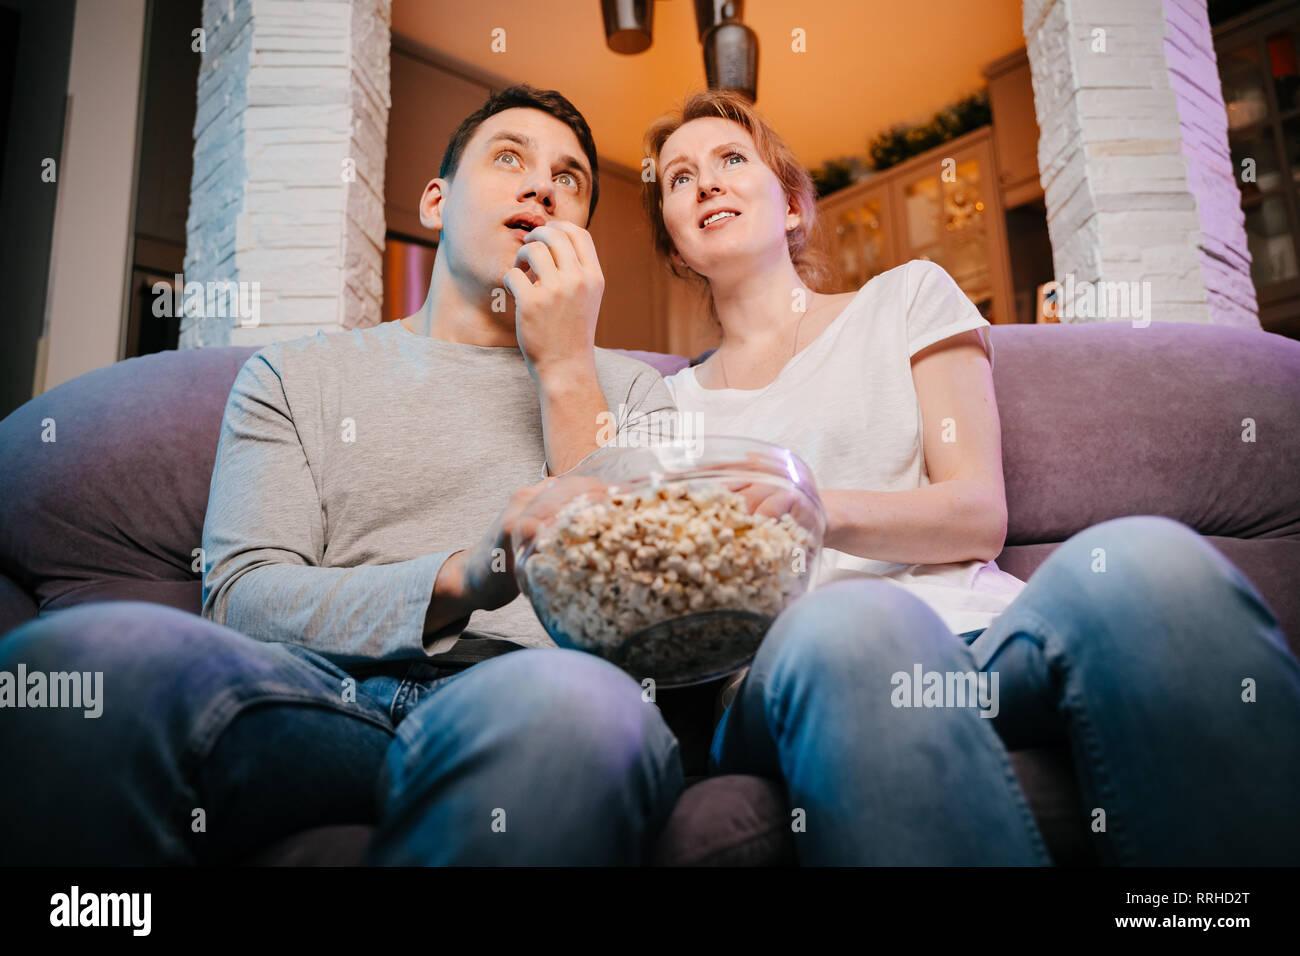 Junges Paar essen Popcorn und einen Film zu Hause auf der Couch, Angst. Stockbild